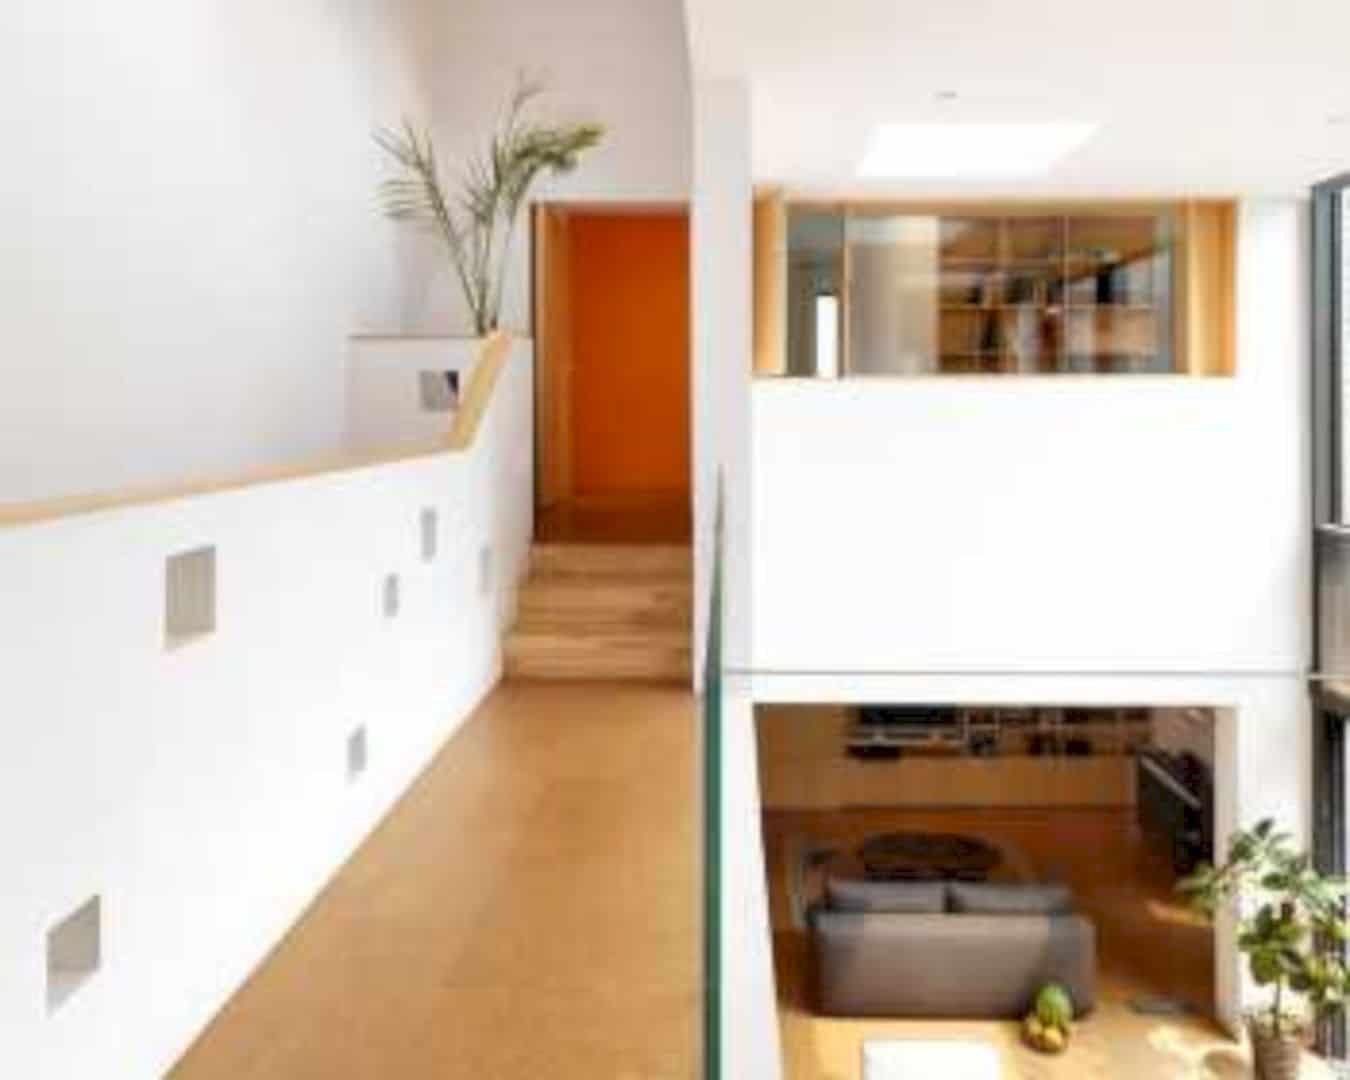 H House 4